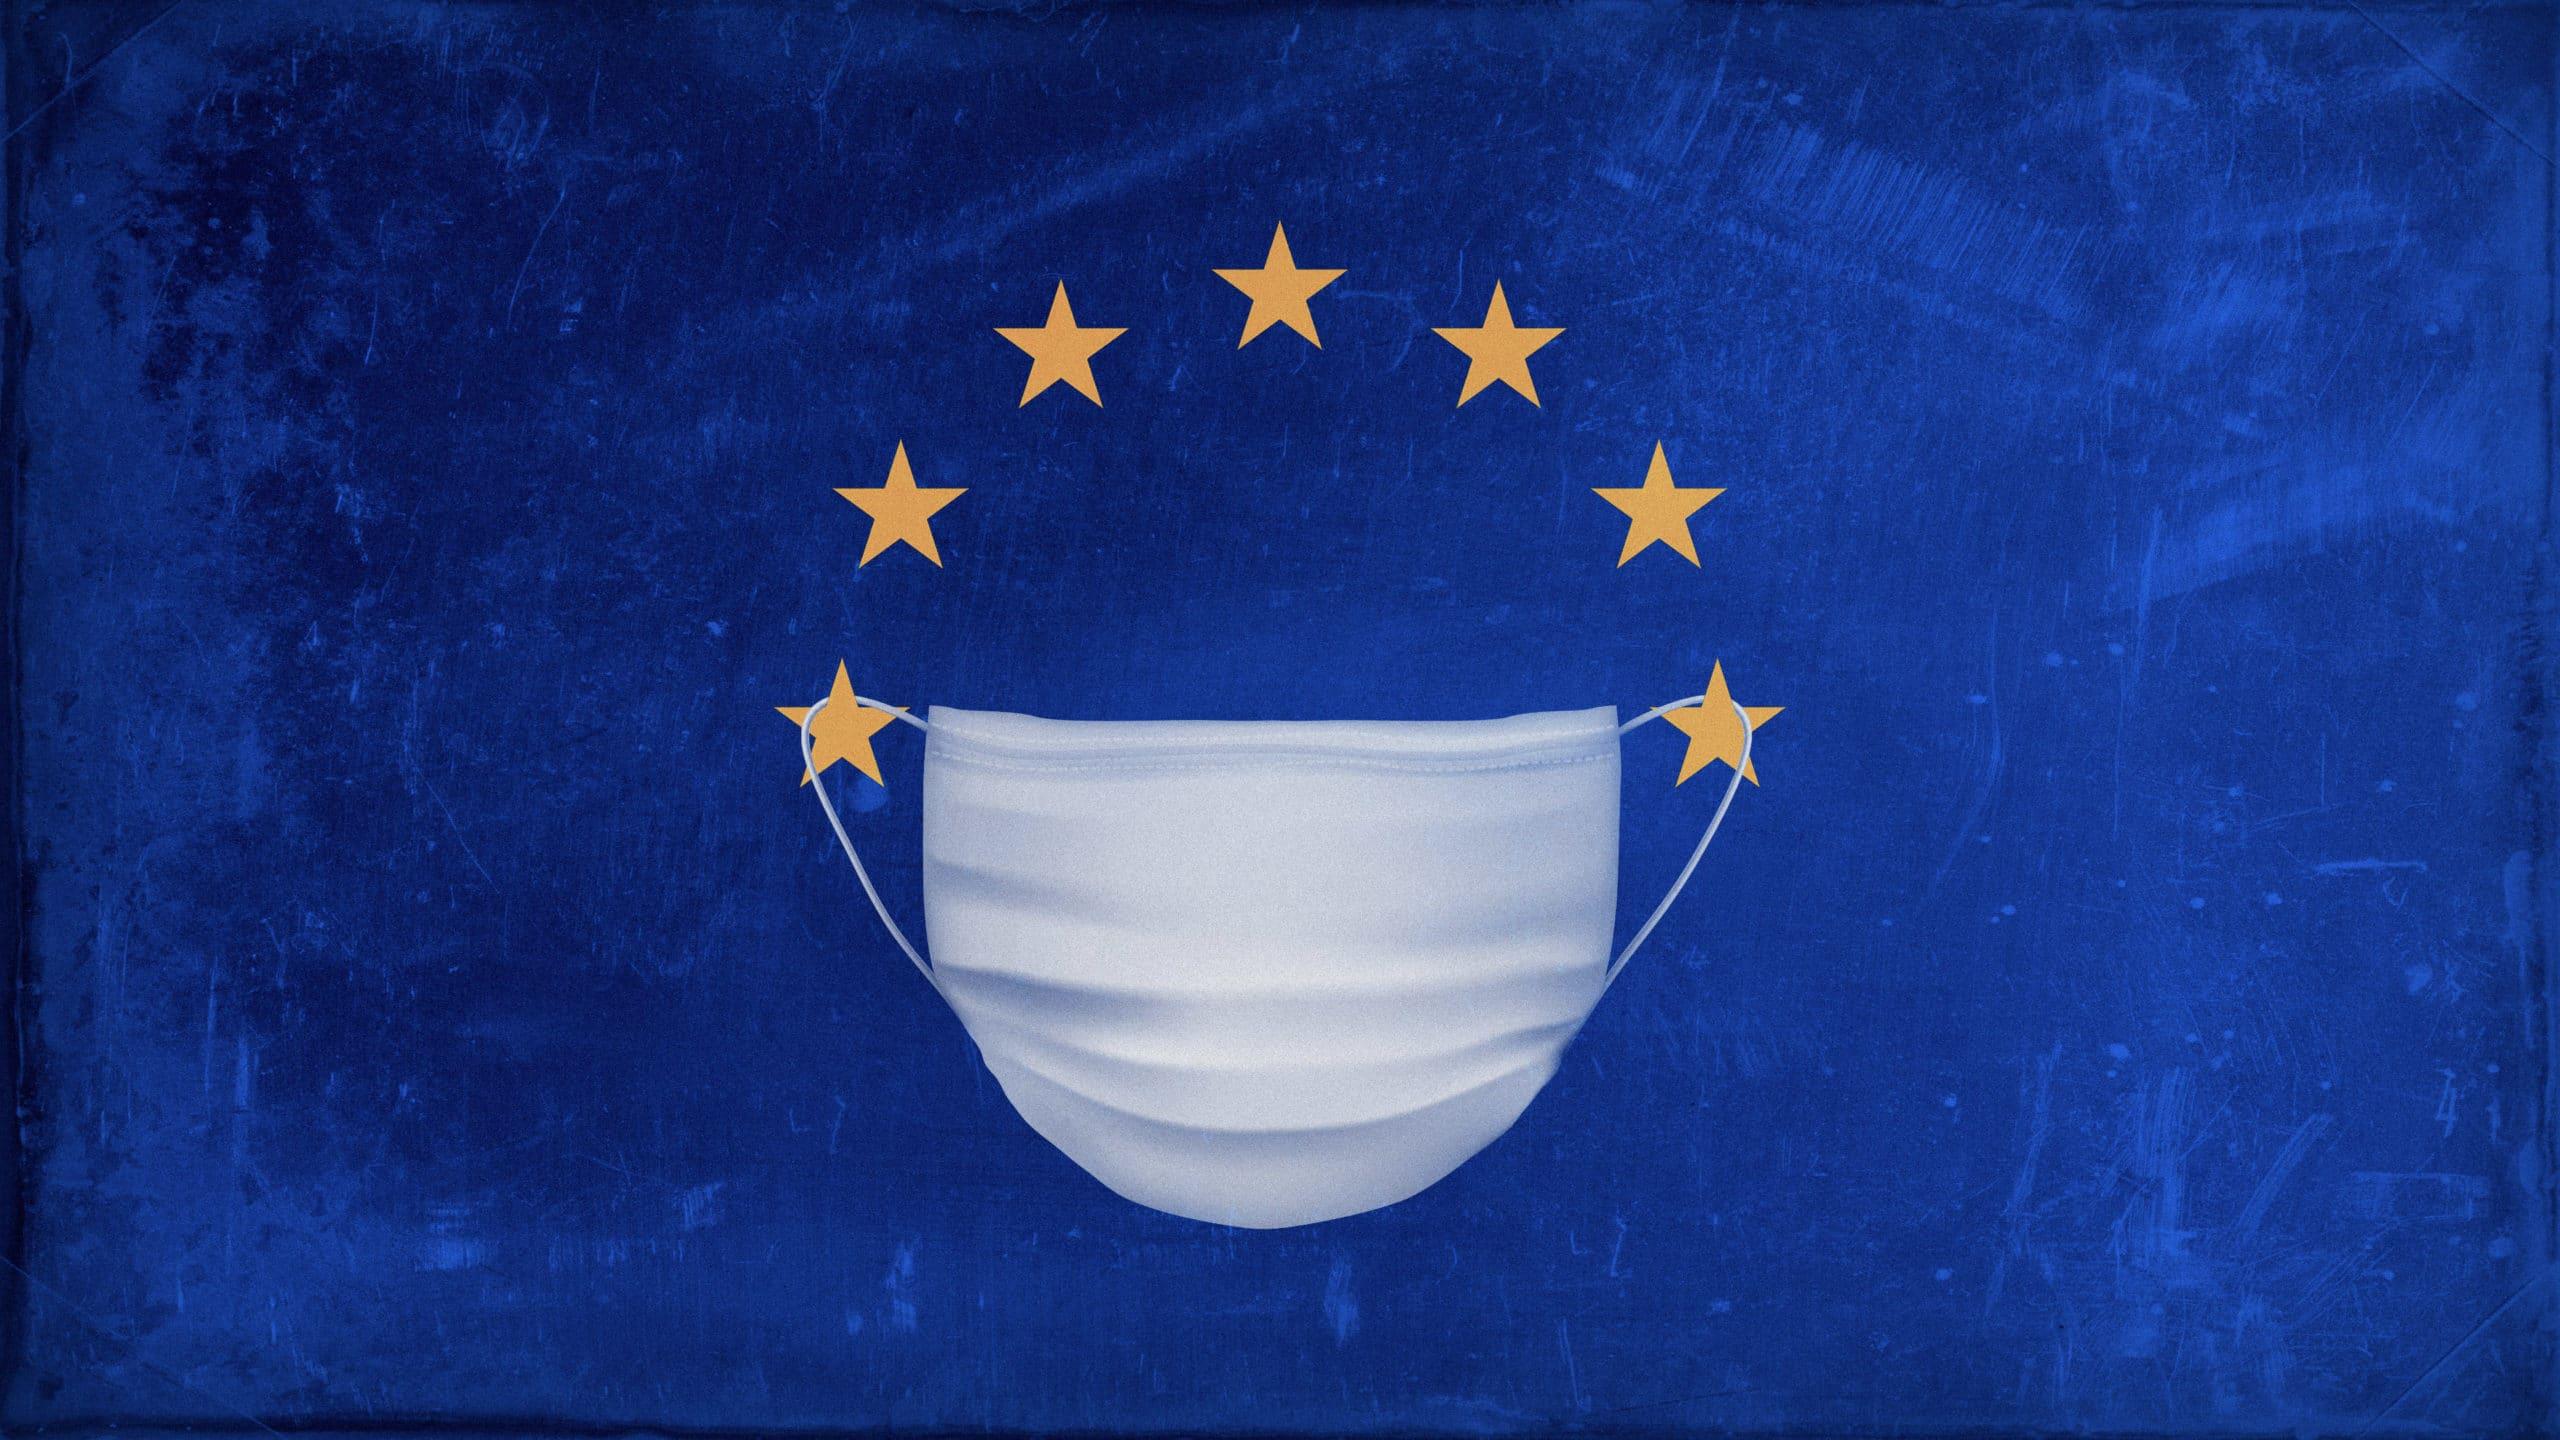 L'Unione Europea e l'approccio comune sulle misure anticovid applicate ai viaggi